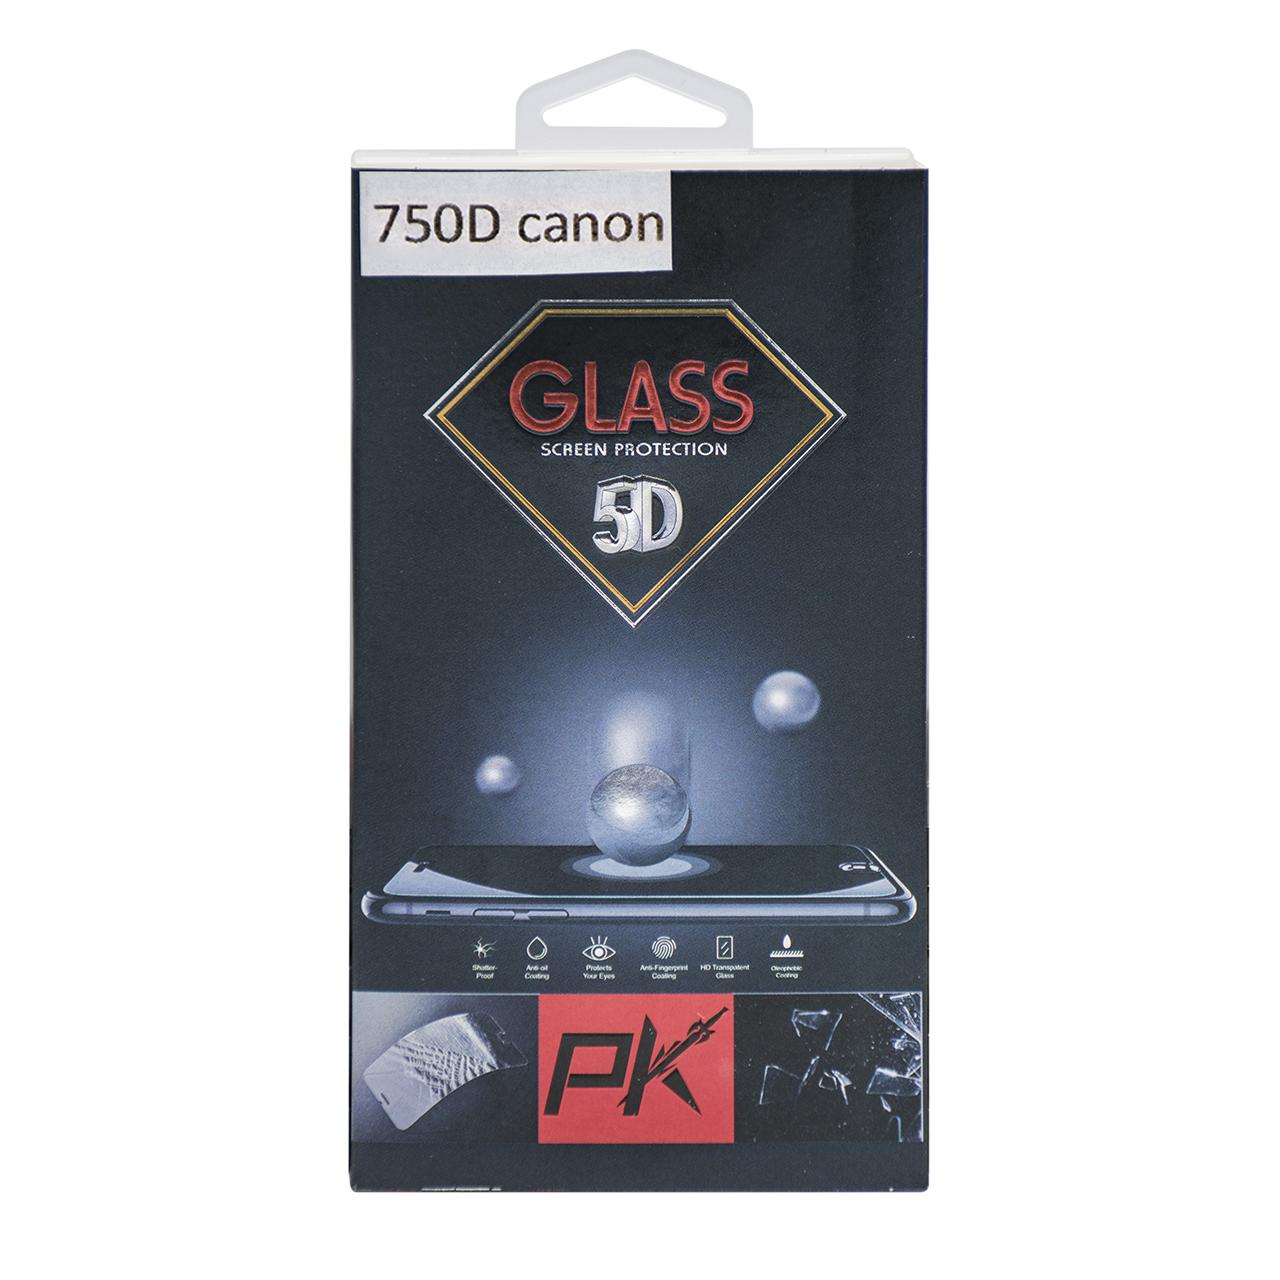 محافظ صفحه نمایش دوربین پی کی مدل P750D مناسب برای کانن 750D